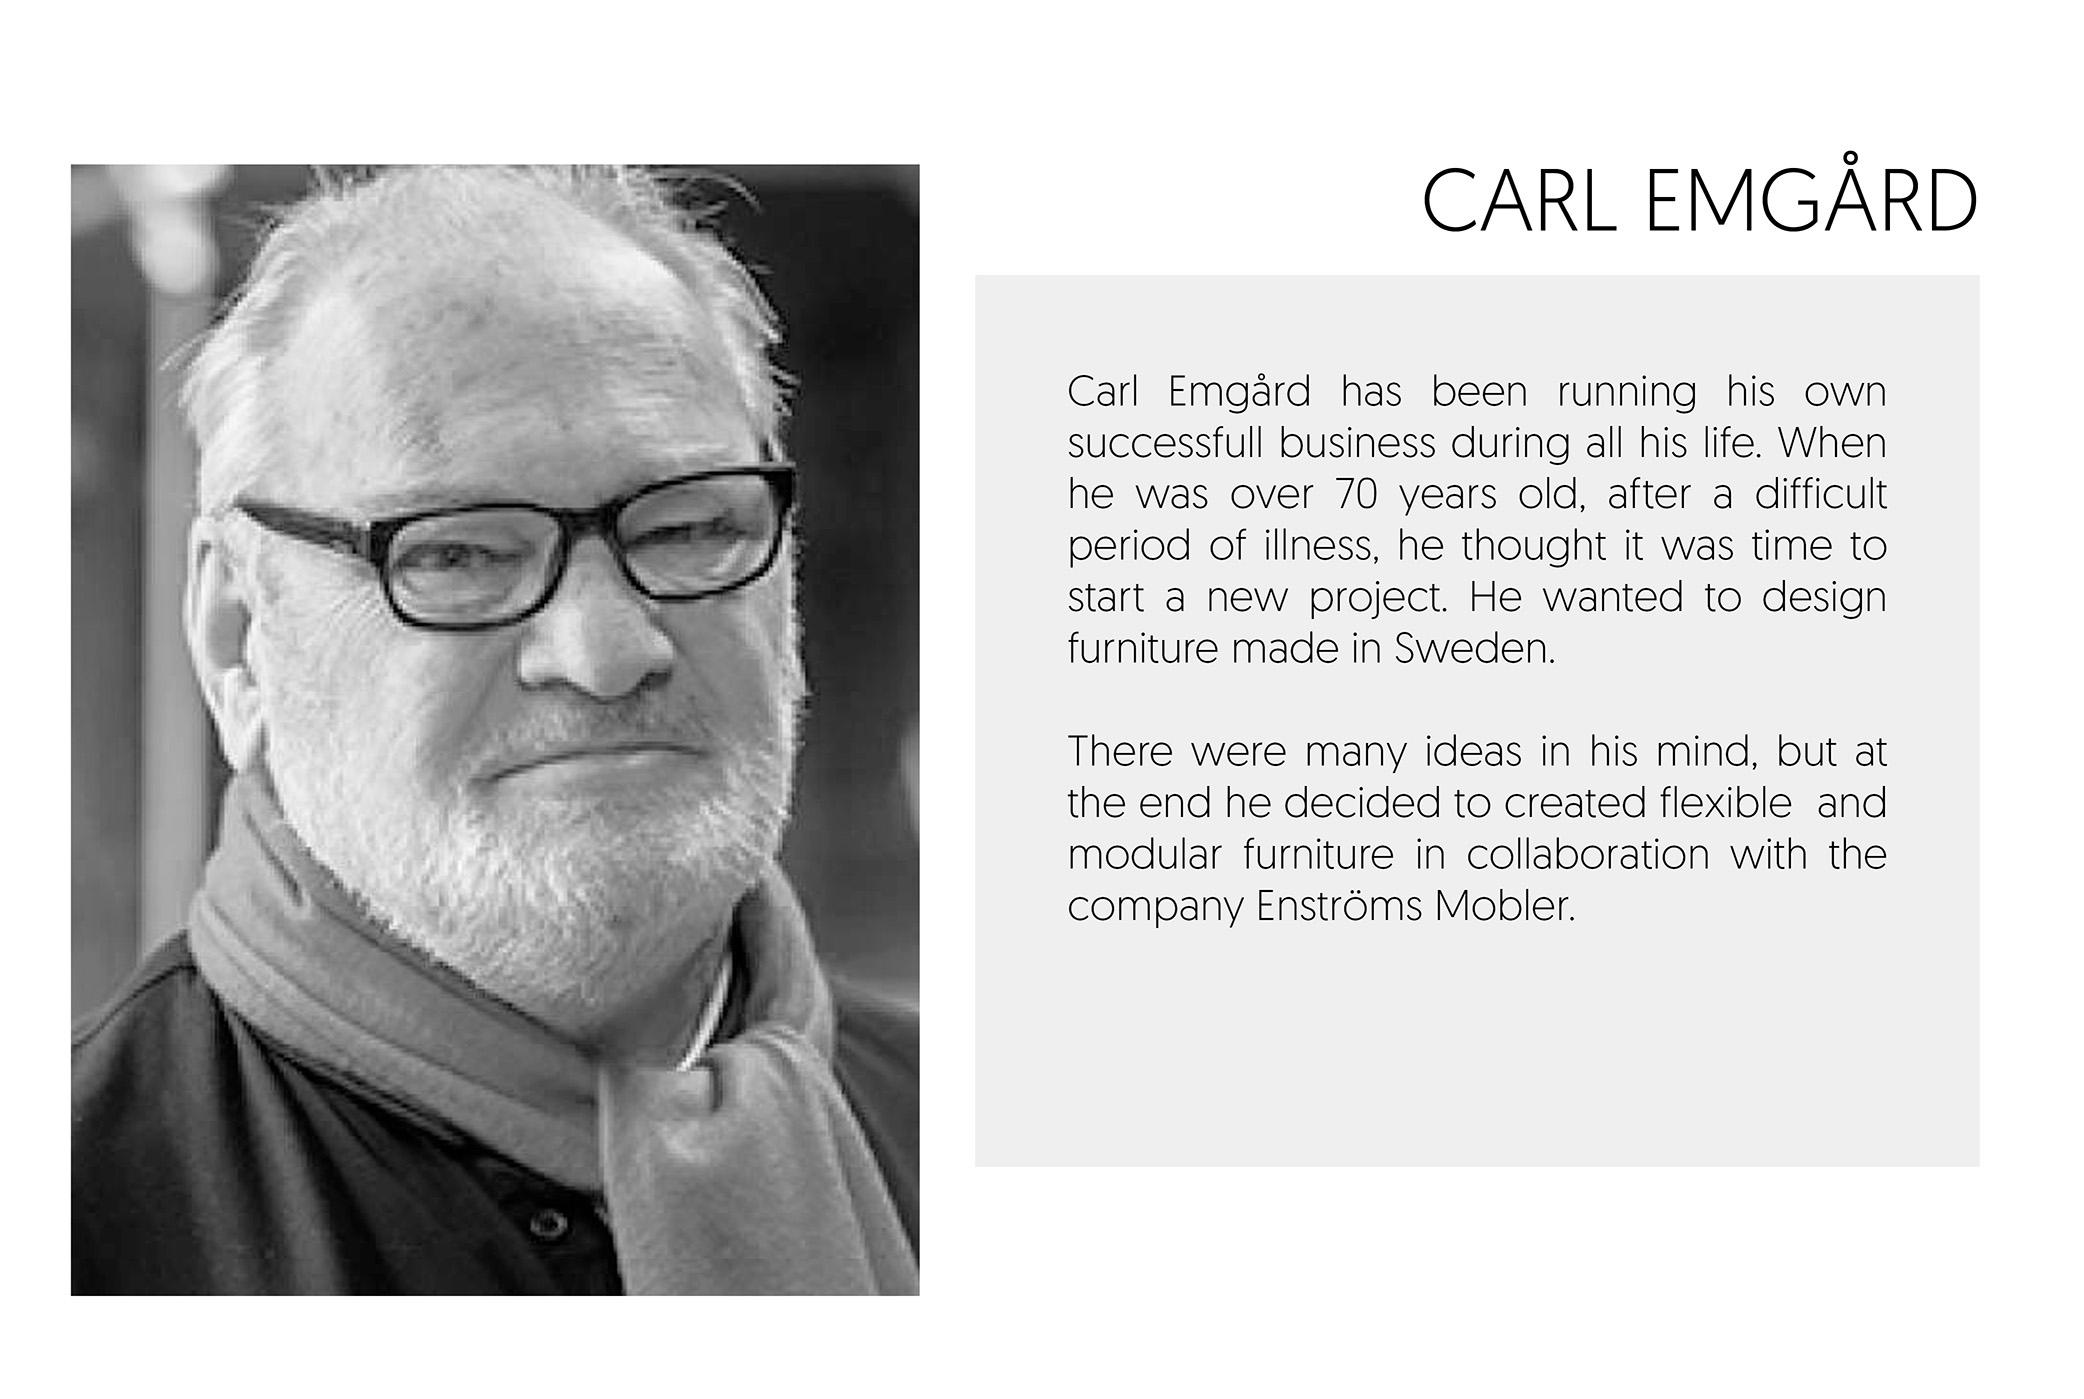 Carl Emgard